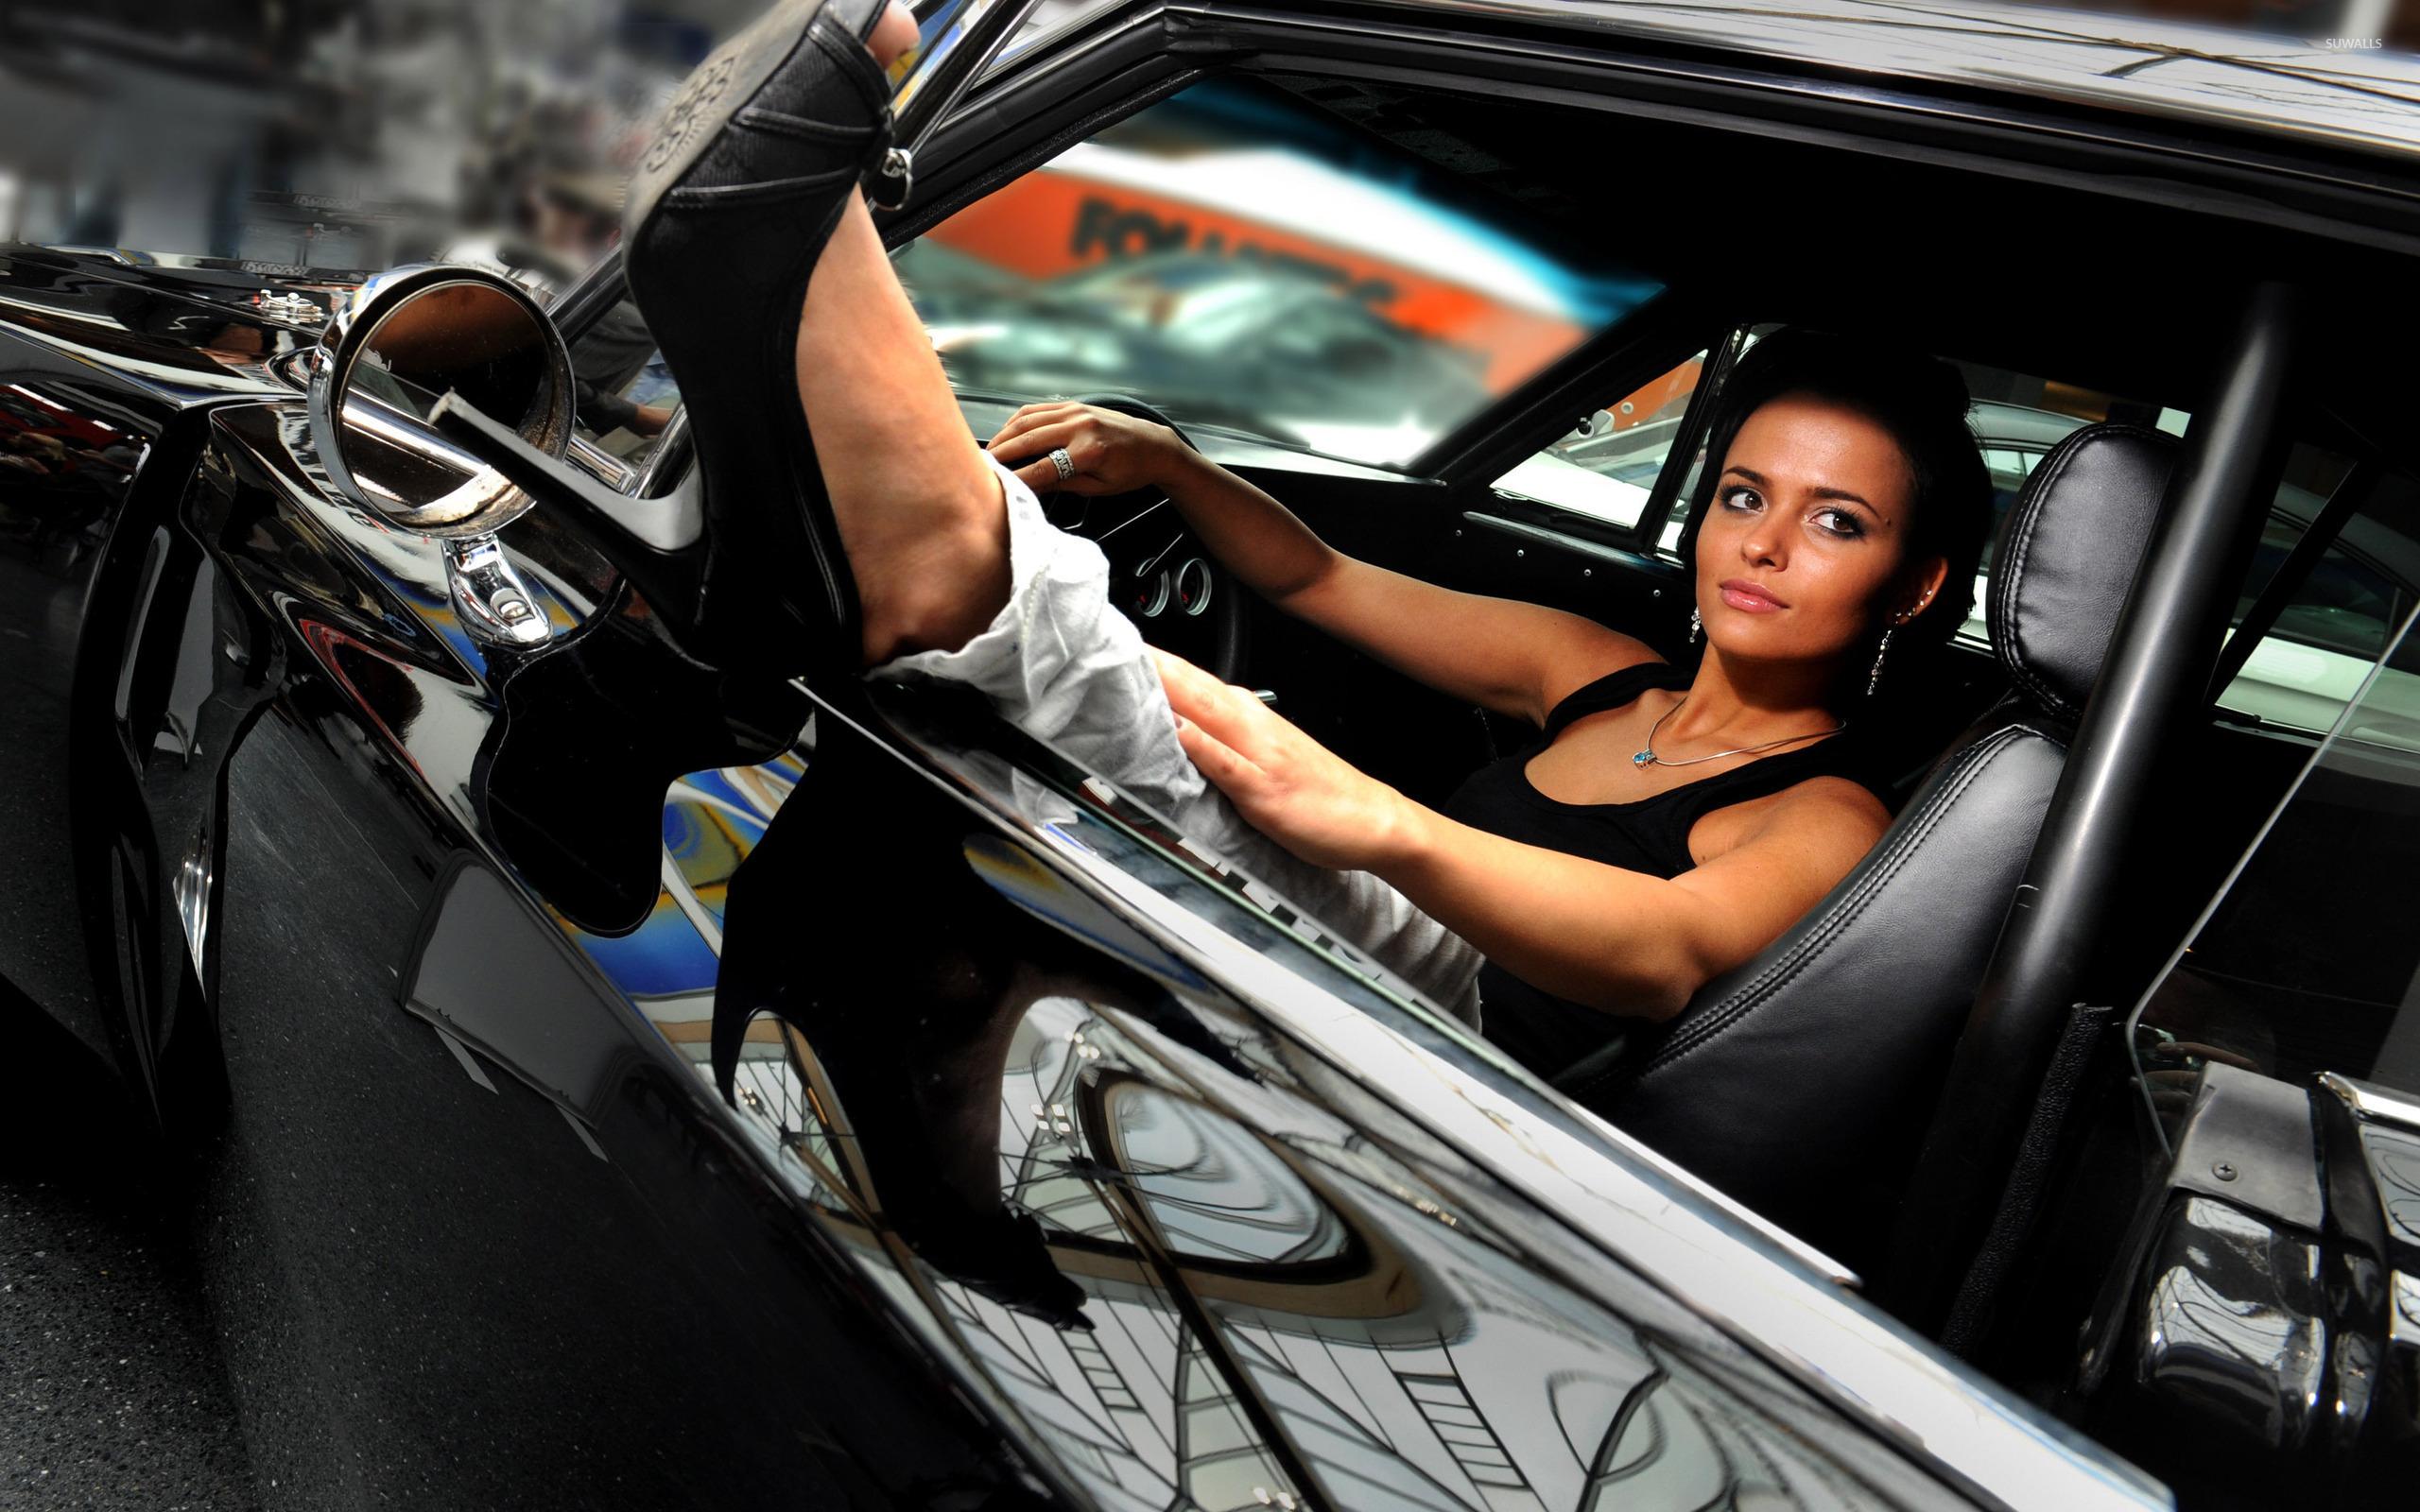 beautiful girl in car - photo #12